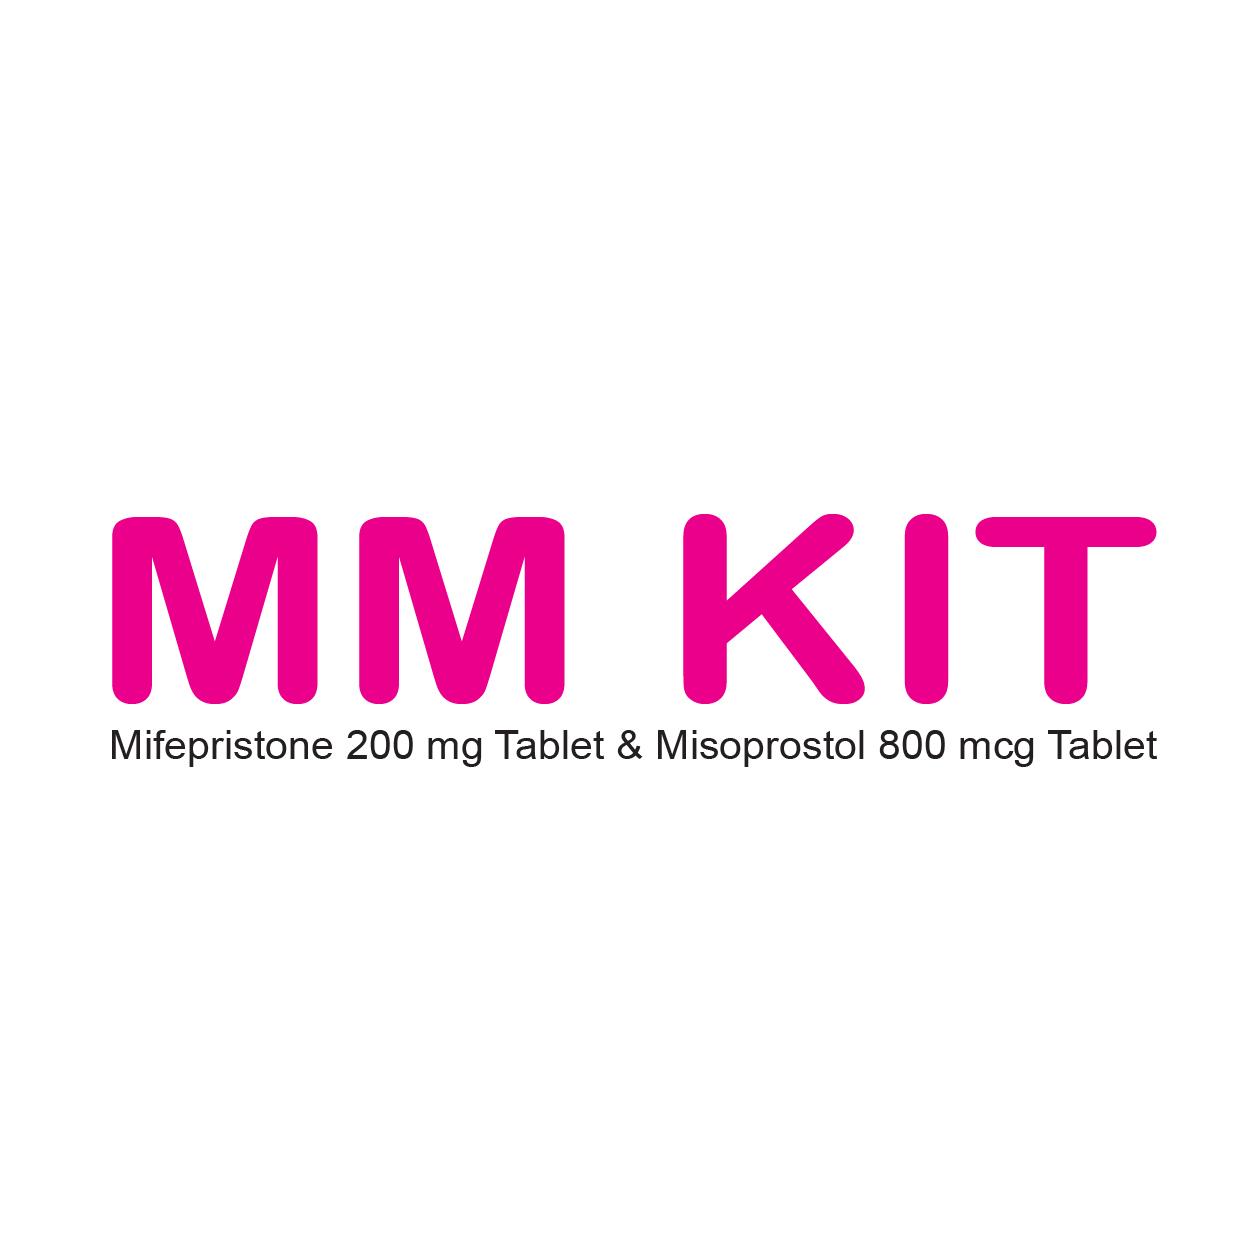 MM Kit